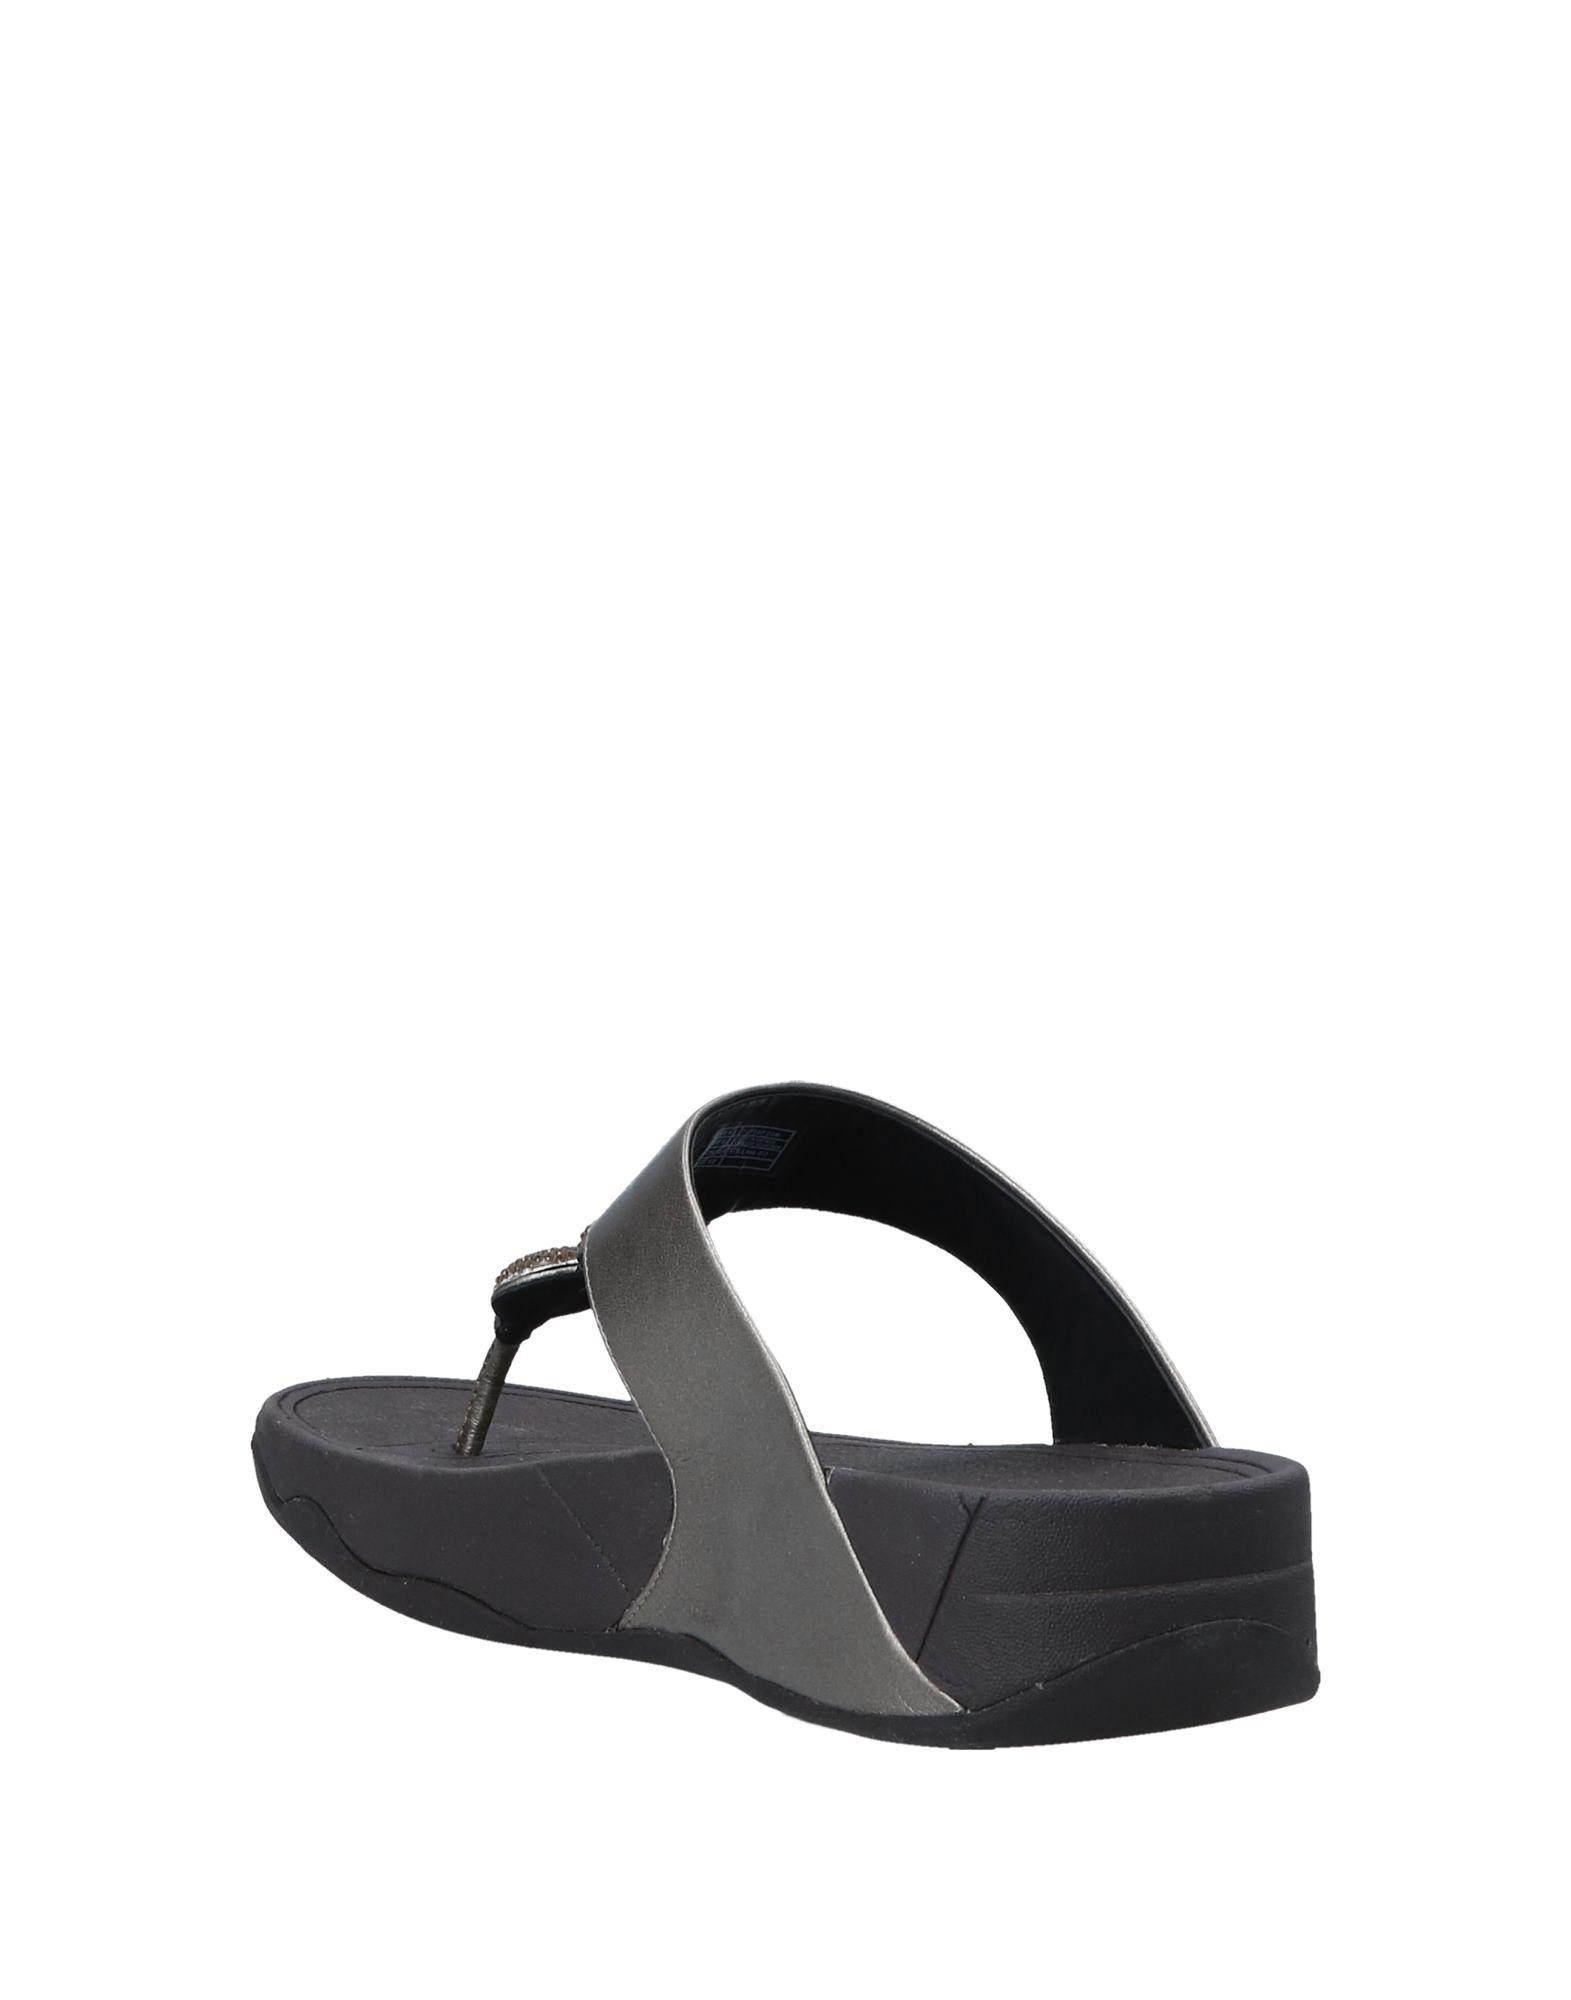 Fitflop Gute Dianetten Damen  11549629FW Gute Fitflop Qualität beliebte Schuhe a6bcde